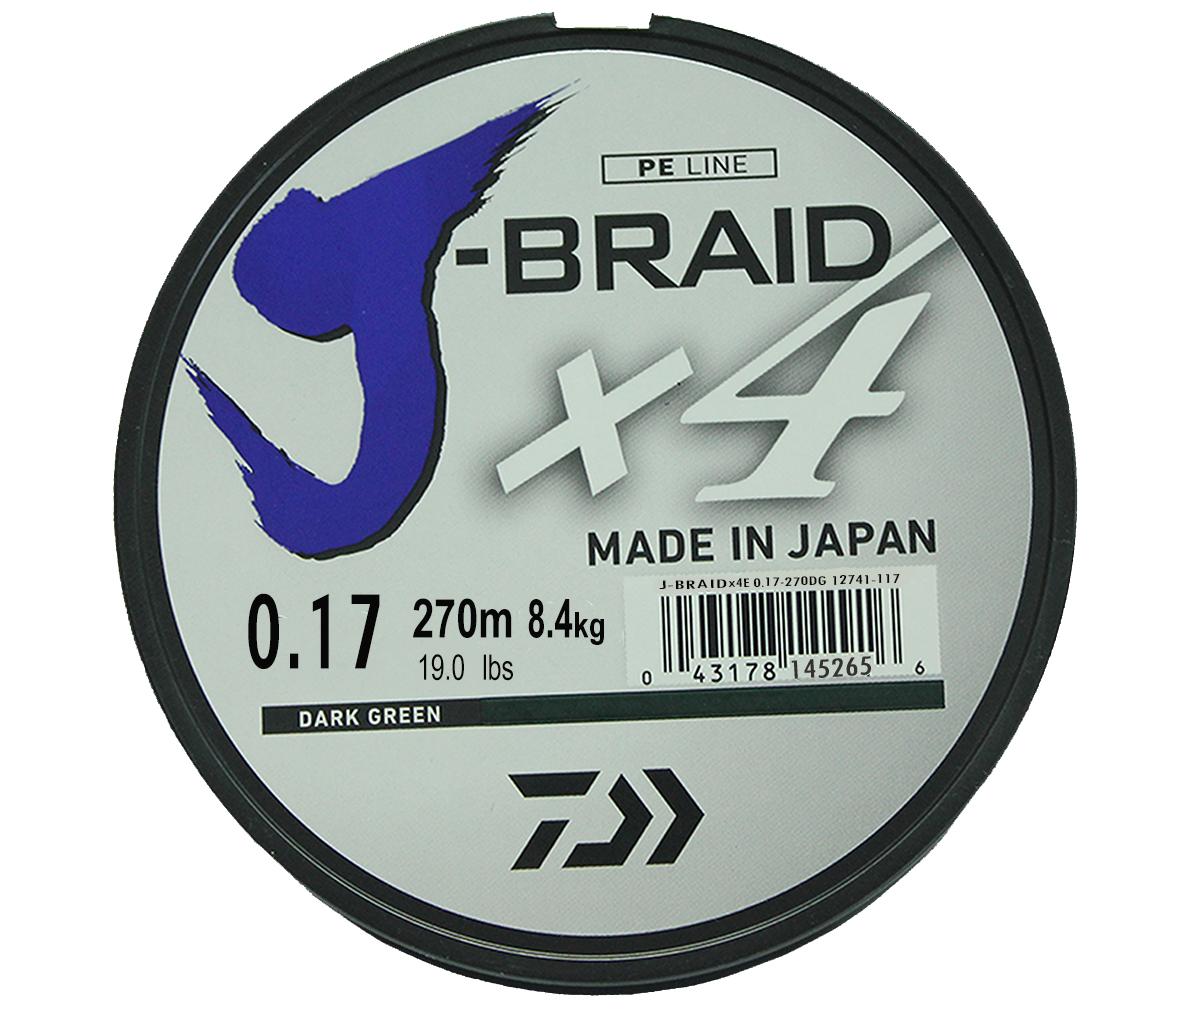 Шнур плетеный Daiwa J-Braid X4, цвет: зеленый, 270 м, 0,17 мм61172Новый четырехжильный шнур J-Braid от Daiwa - шнур высокого класса с удивительным соотношением цены и качества. Качество плетения полностью соответствует японским стандартам и удовлетворяет всем требованиям. Представленные диаметры позволяют использовать шнур для всех техник ловли, начиная от Ultra-Light ловли окуня, до морской ловли палтуса, трески и так далее.